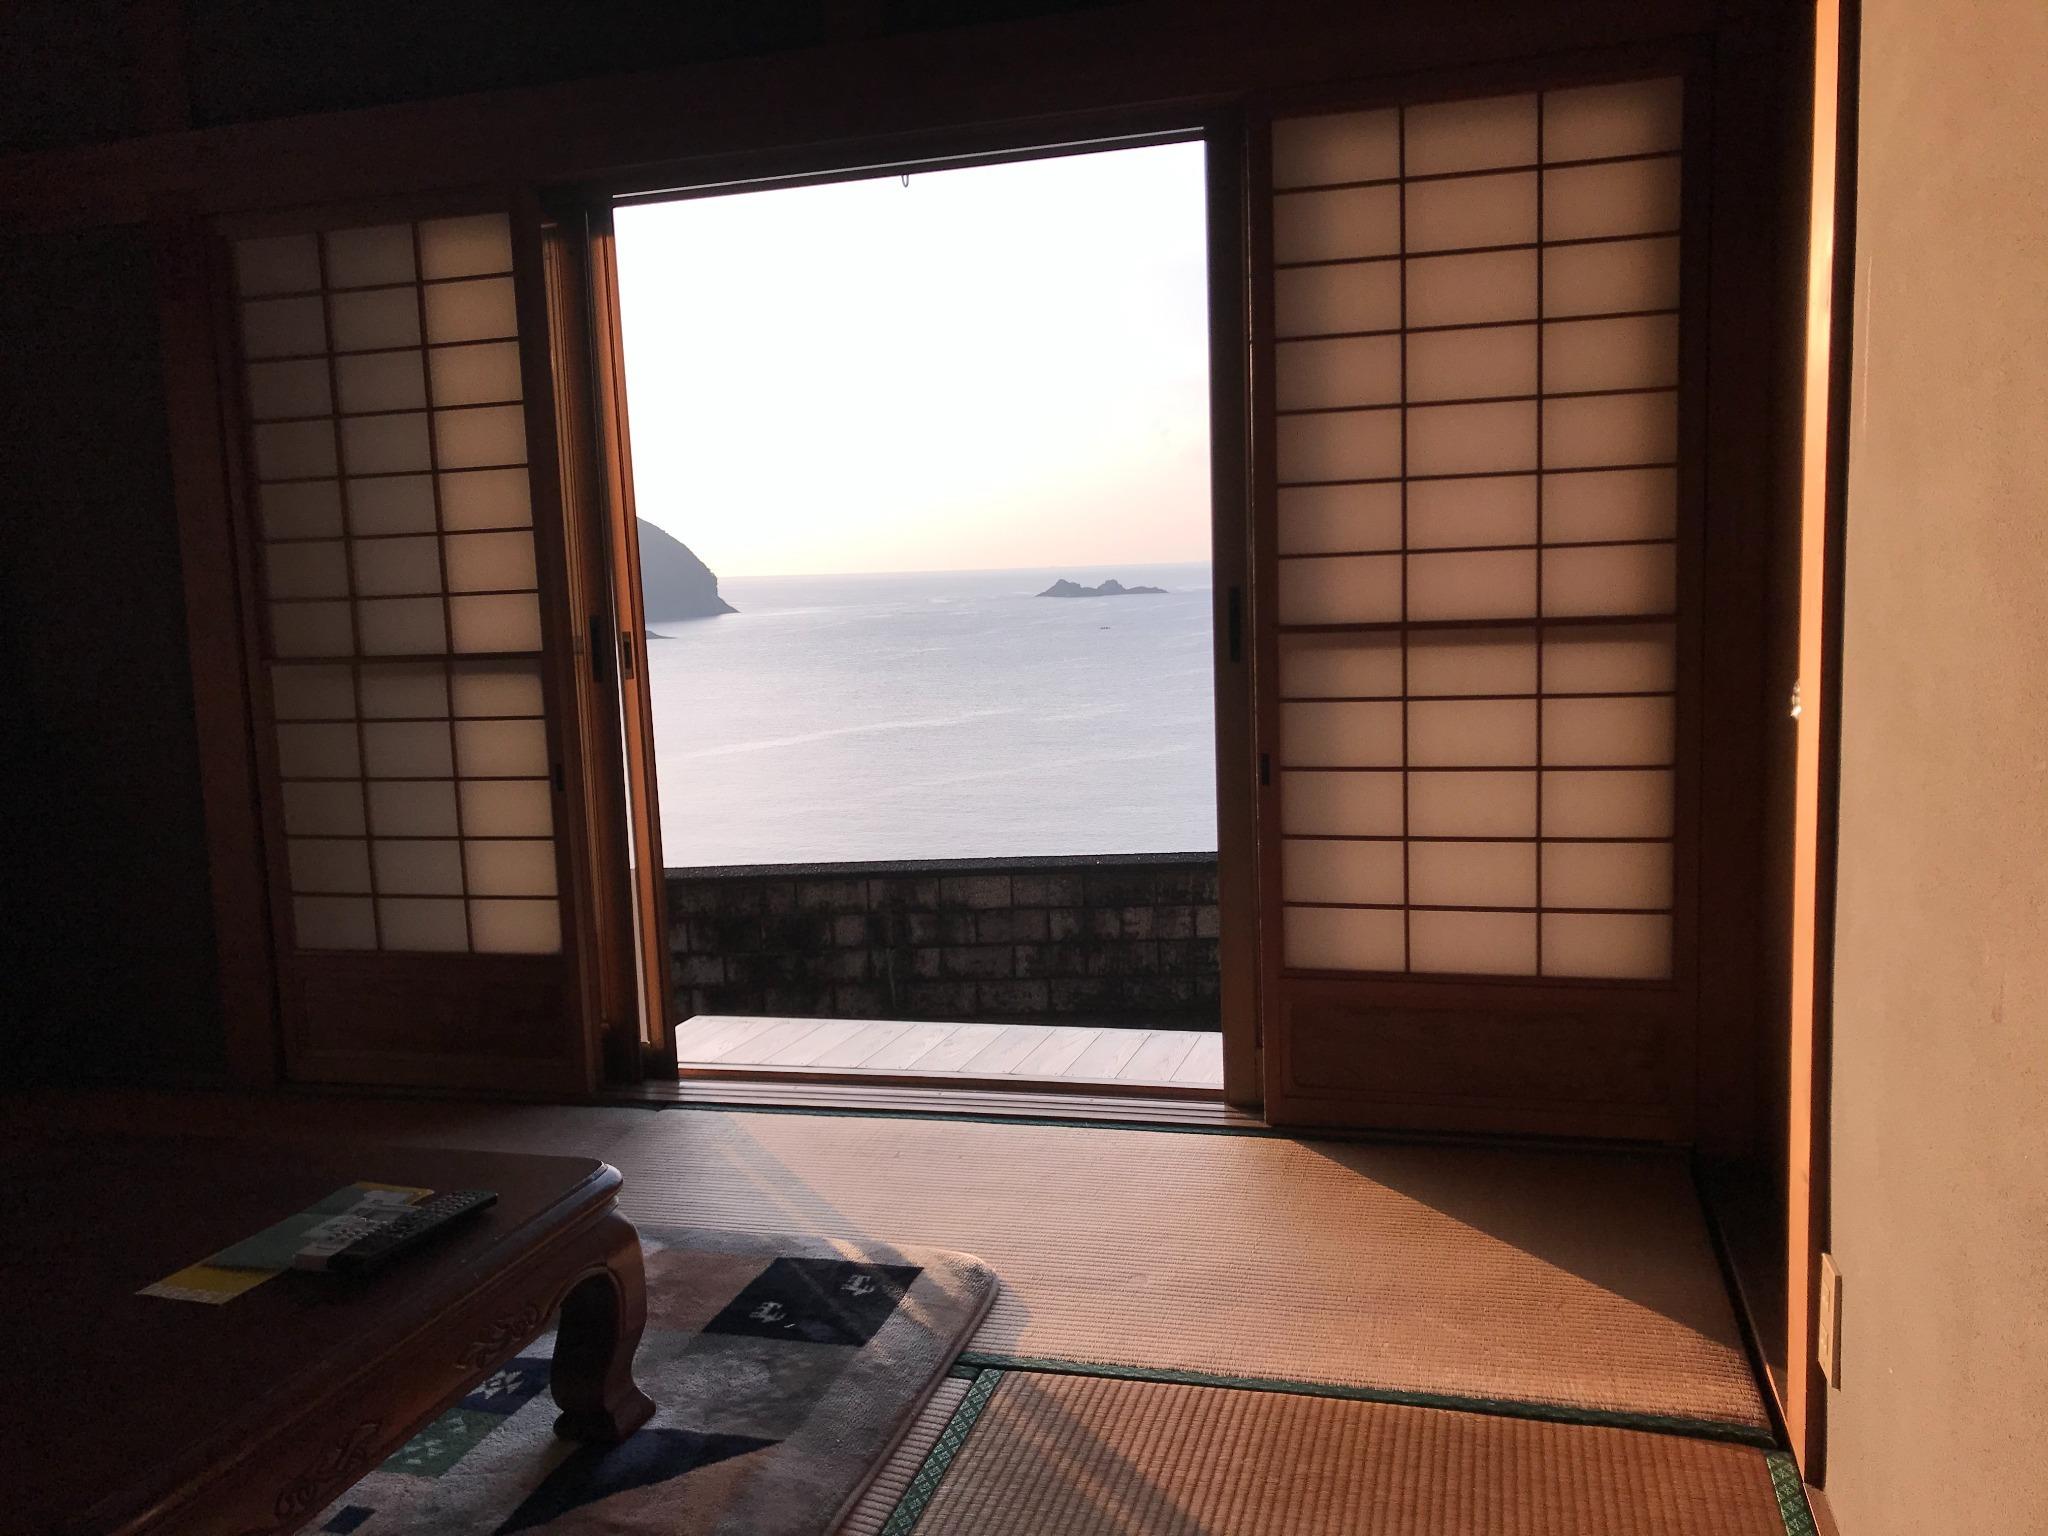 熊野の大自然をゆっくり、まったり独り占め、自炊可能、古民家一棟貸しプラン